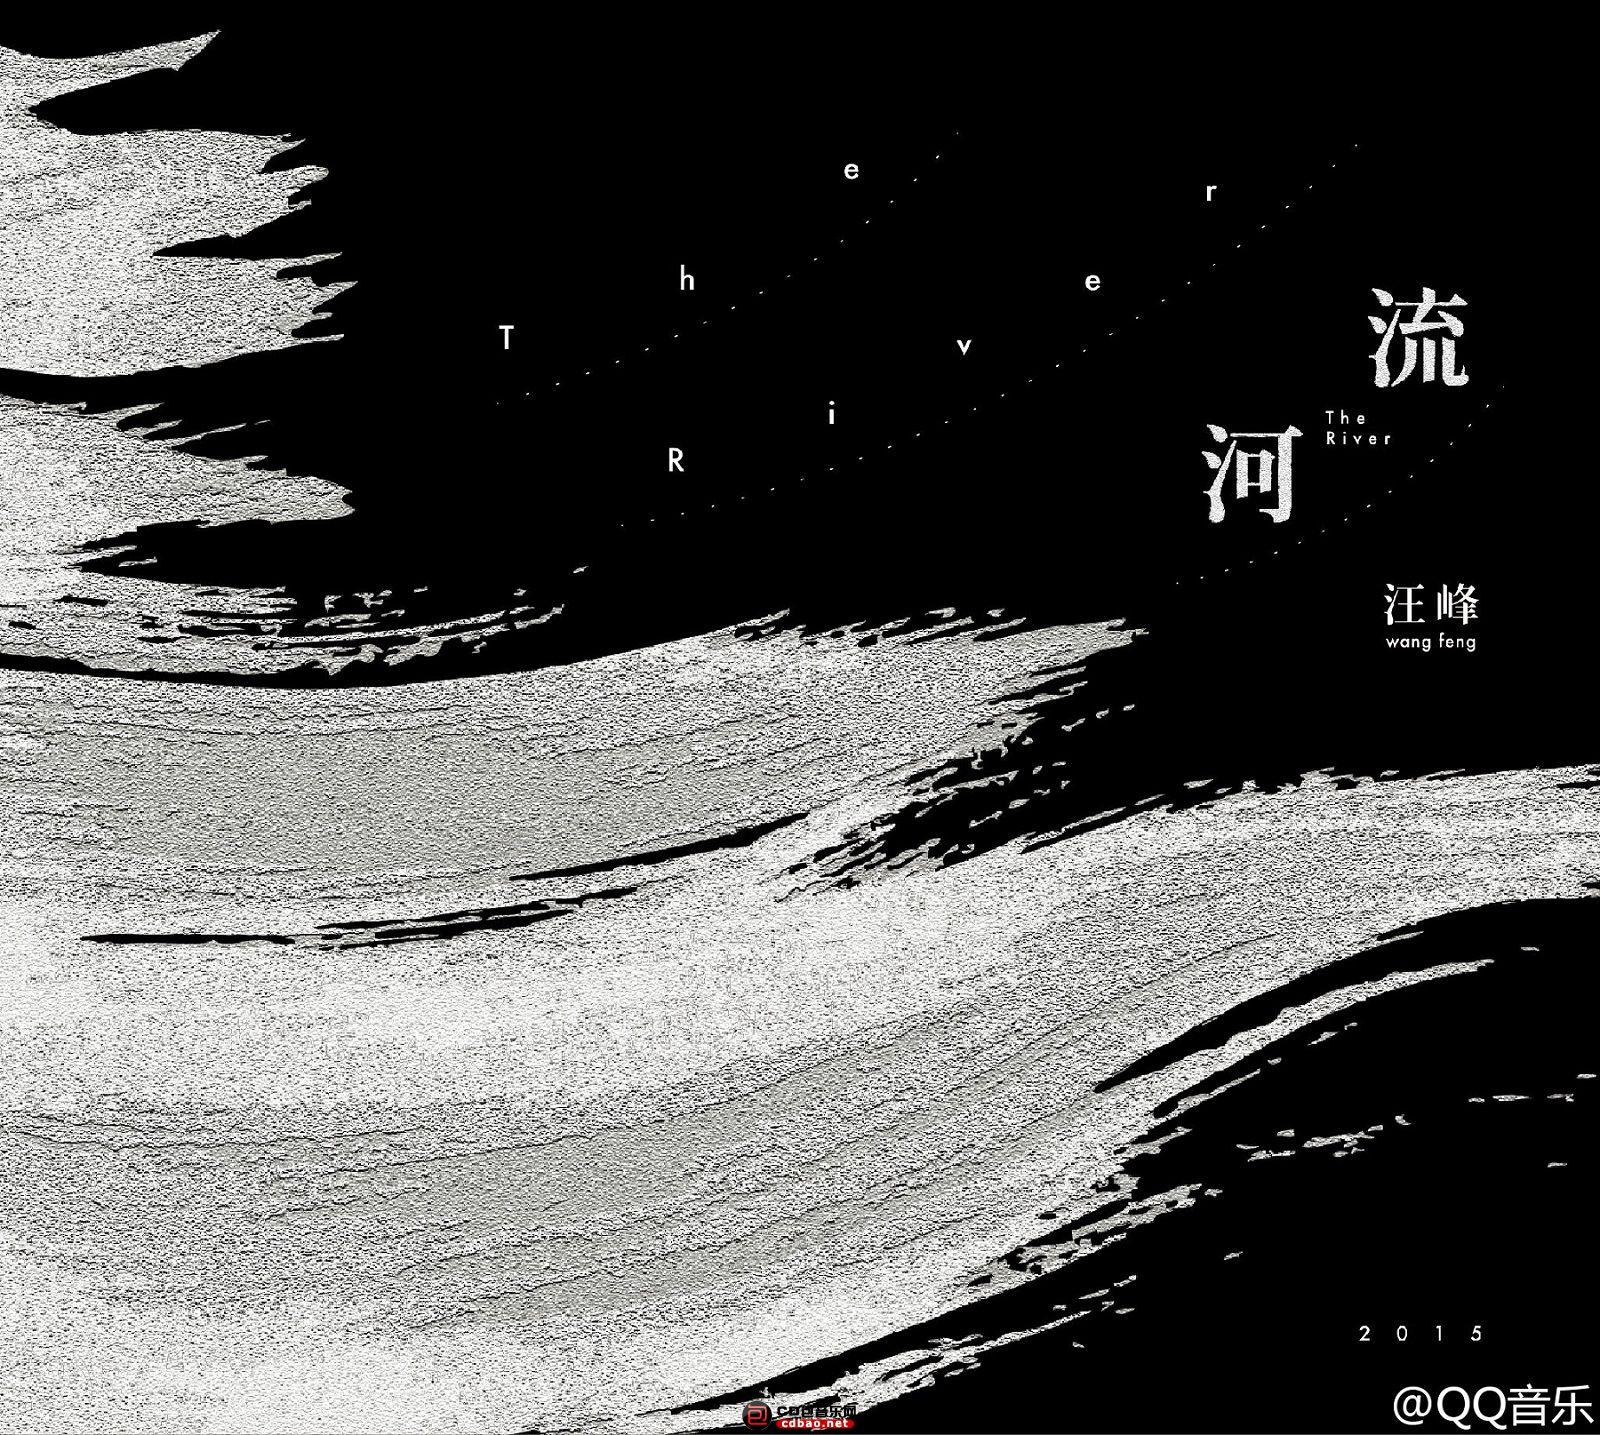 汪峰专辑《河流》海报y.jpg